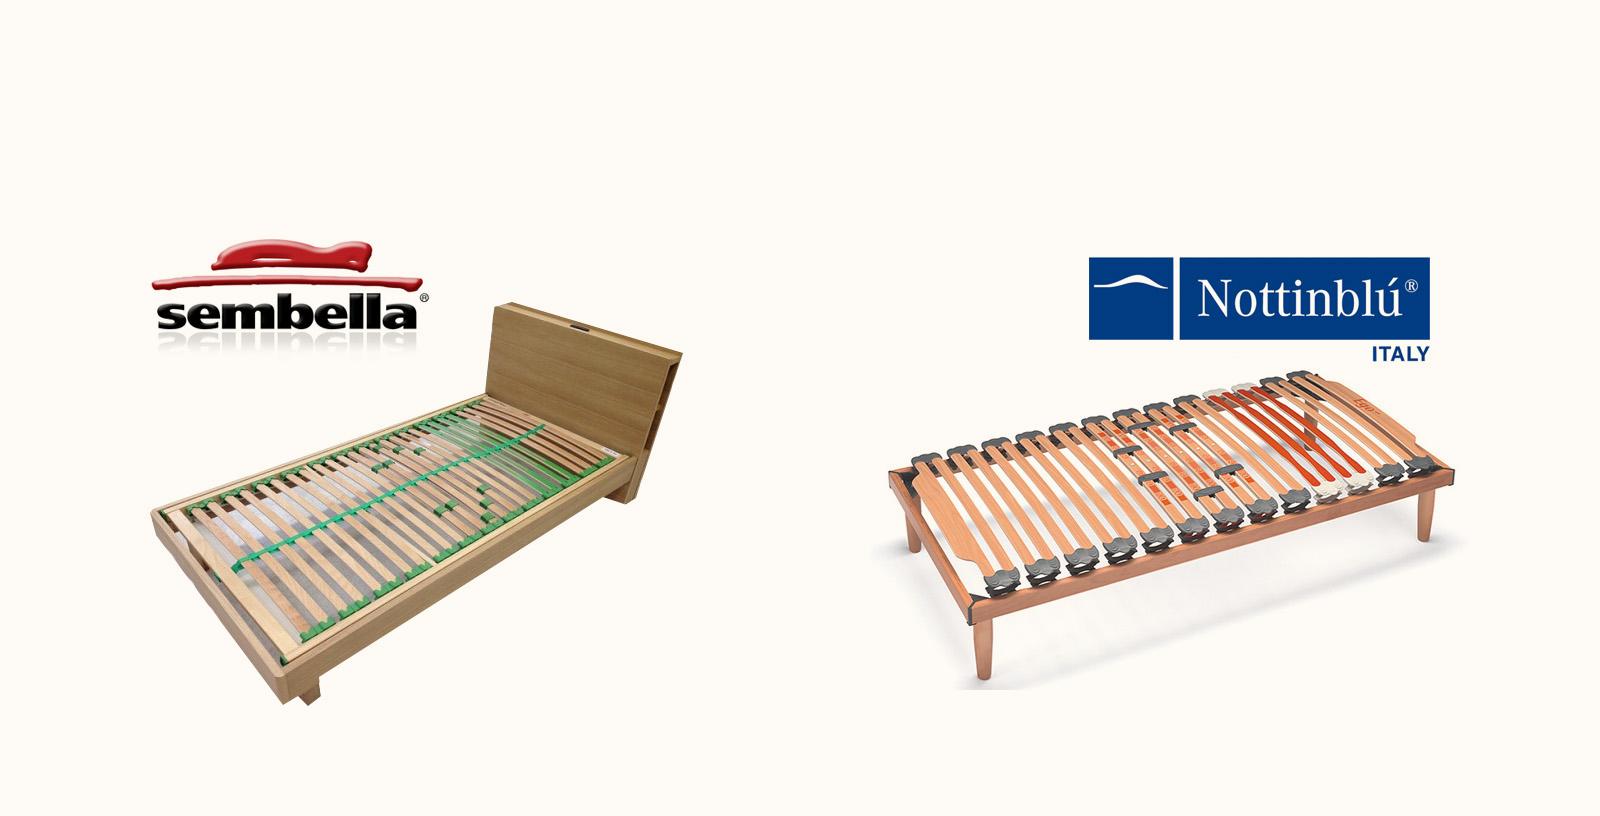 両サイドのシリコンブッシュとアーチ状の積層材のしなりを利用したタイプ